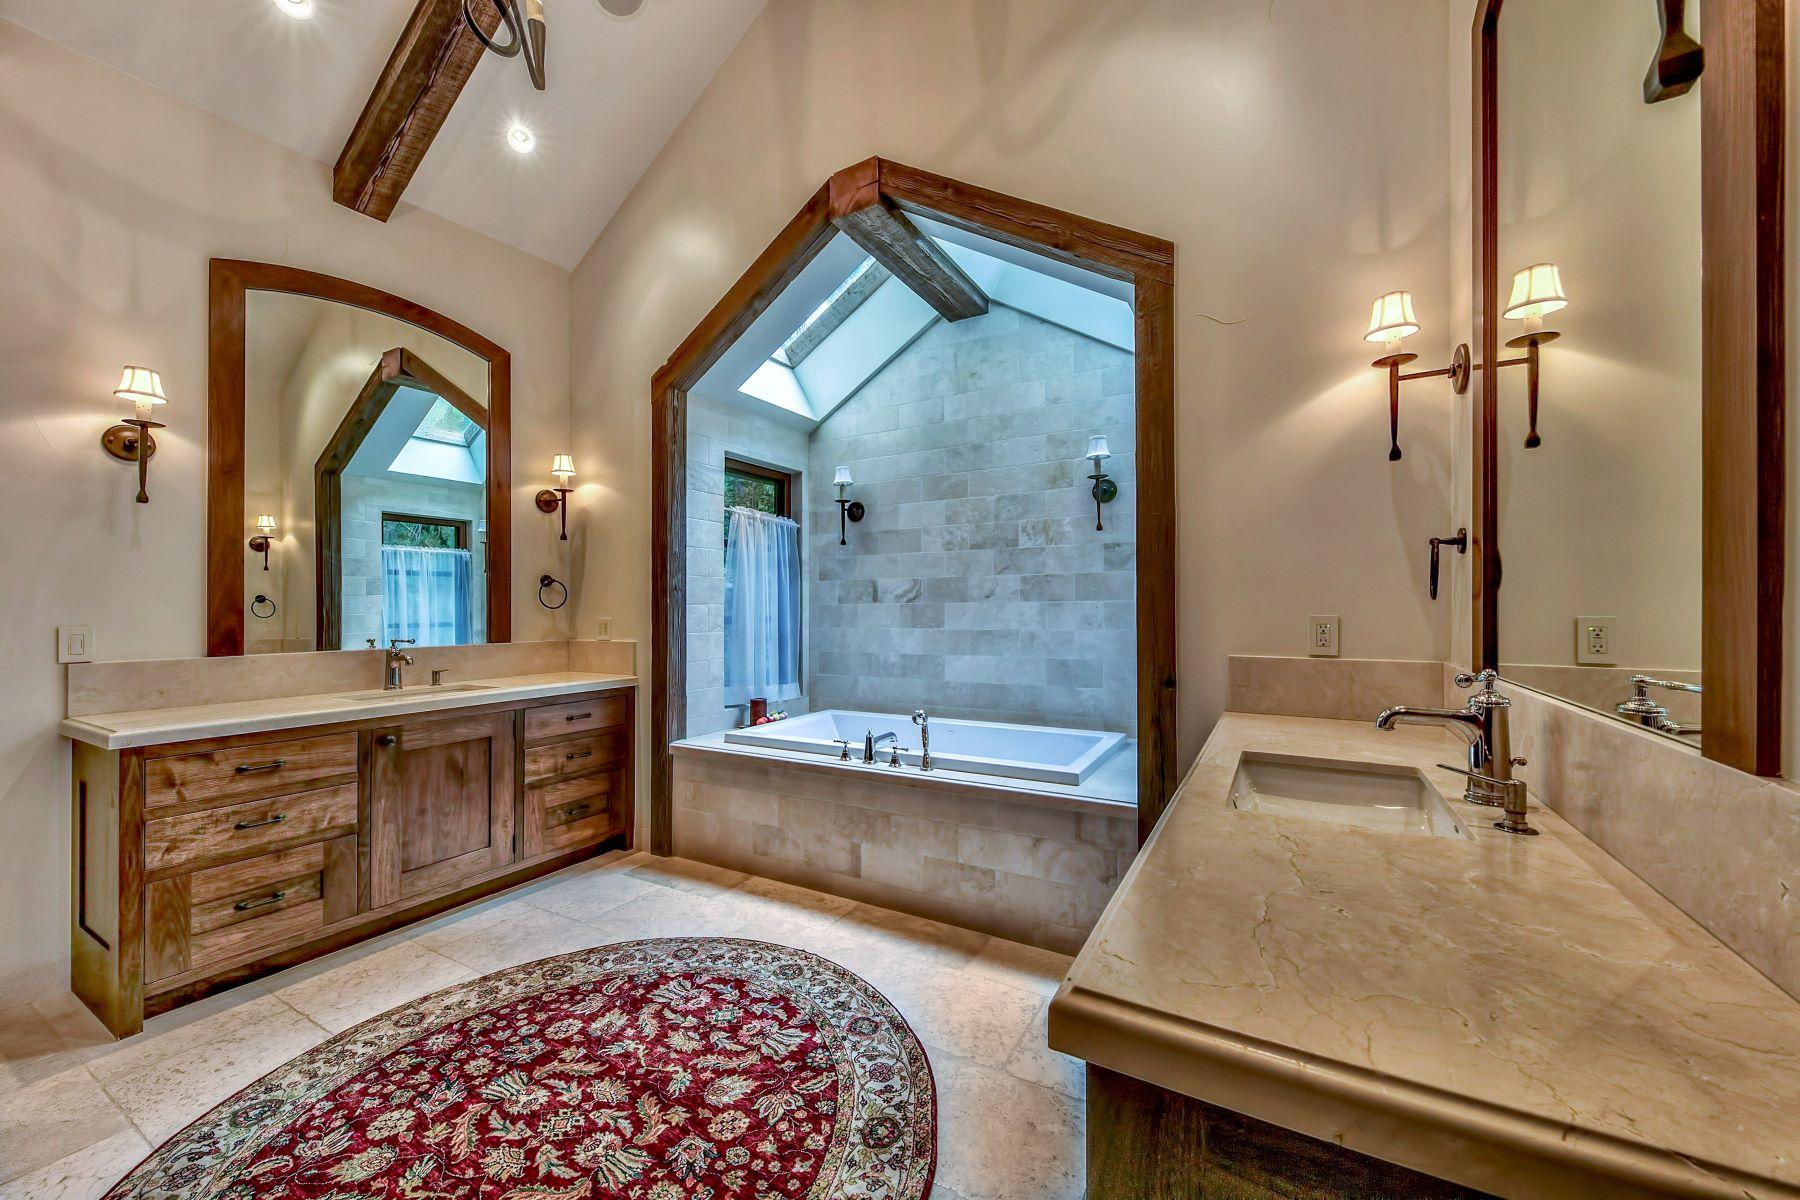 Additional photo for property listing at 1550 Debra Lane, Incline Village, NV 96145 1550 Debra Lane Incline Village, Nevada 89451 Estados Unidos